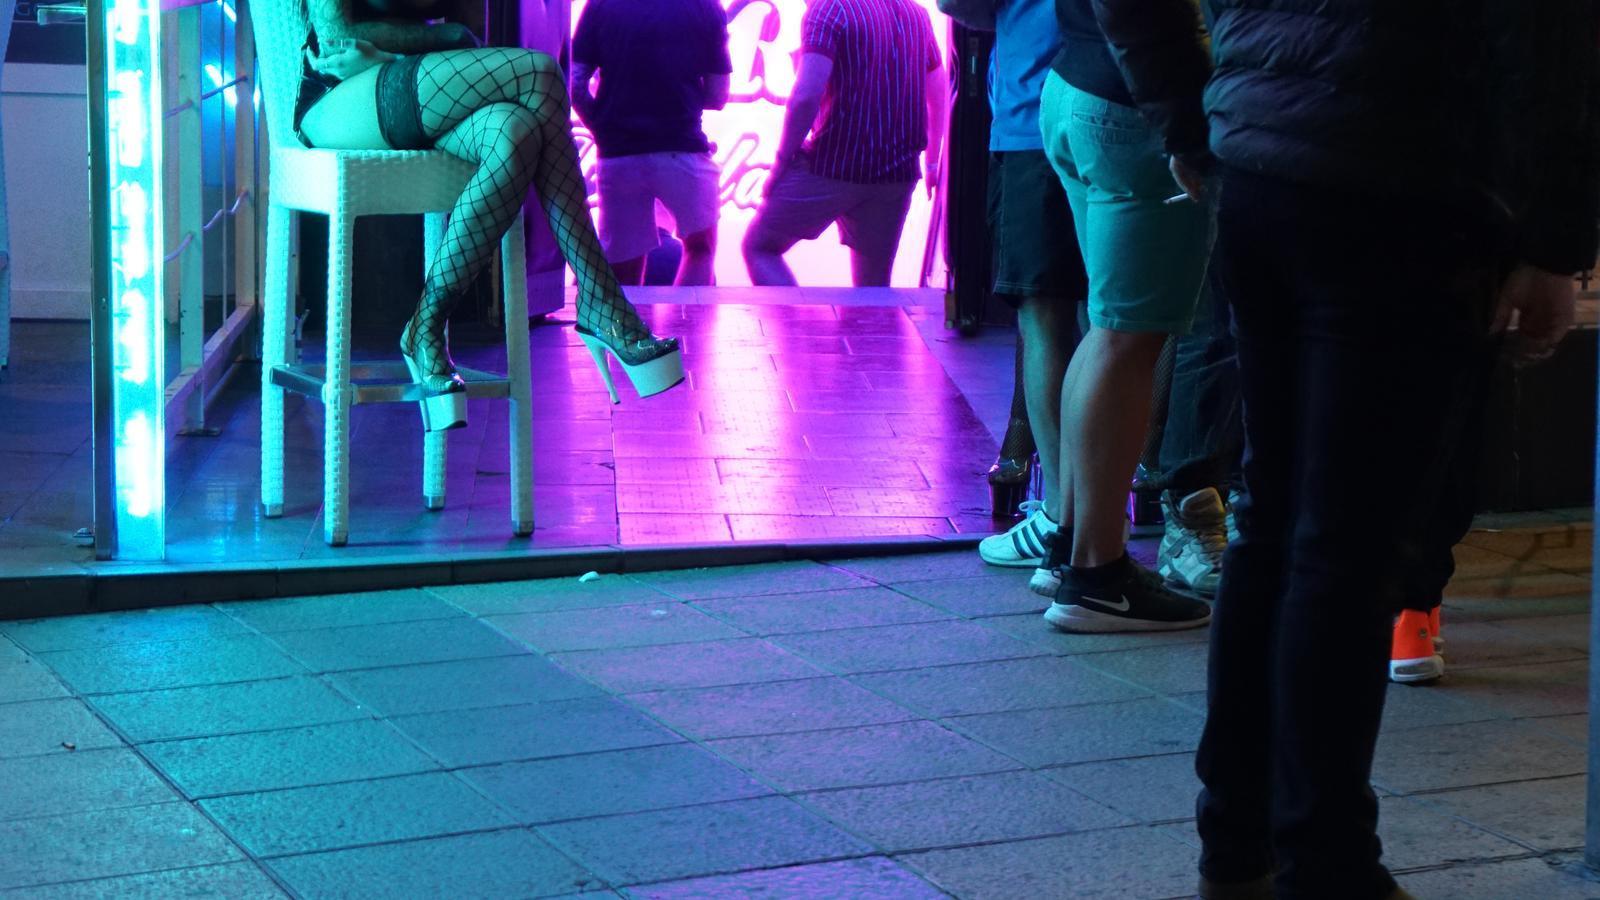 La prostitució es triplica durant la temporada turística, segons Metges del Món